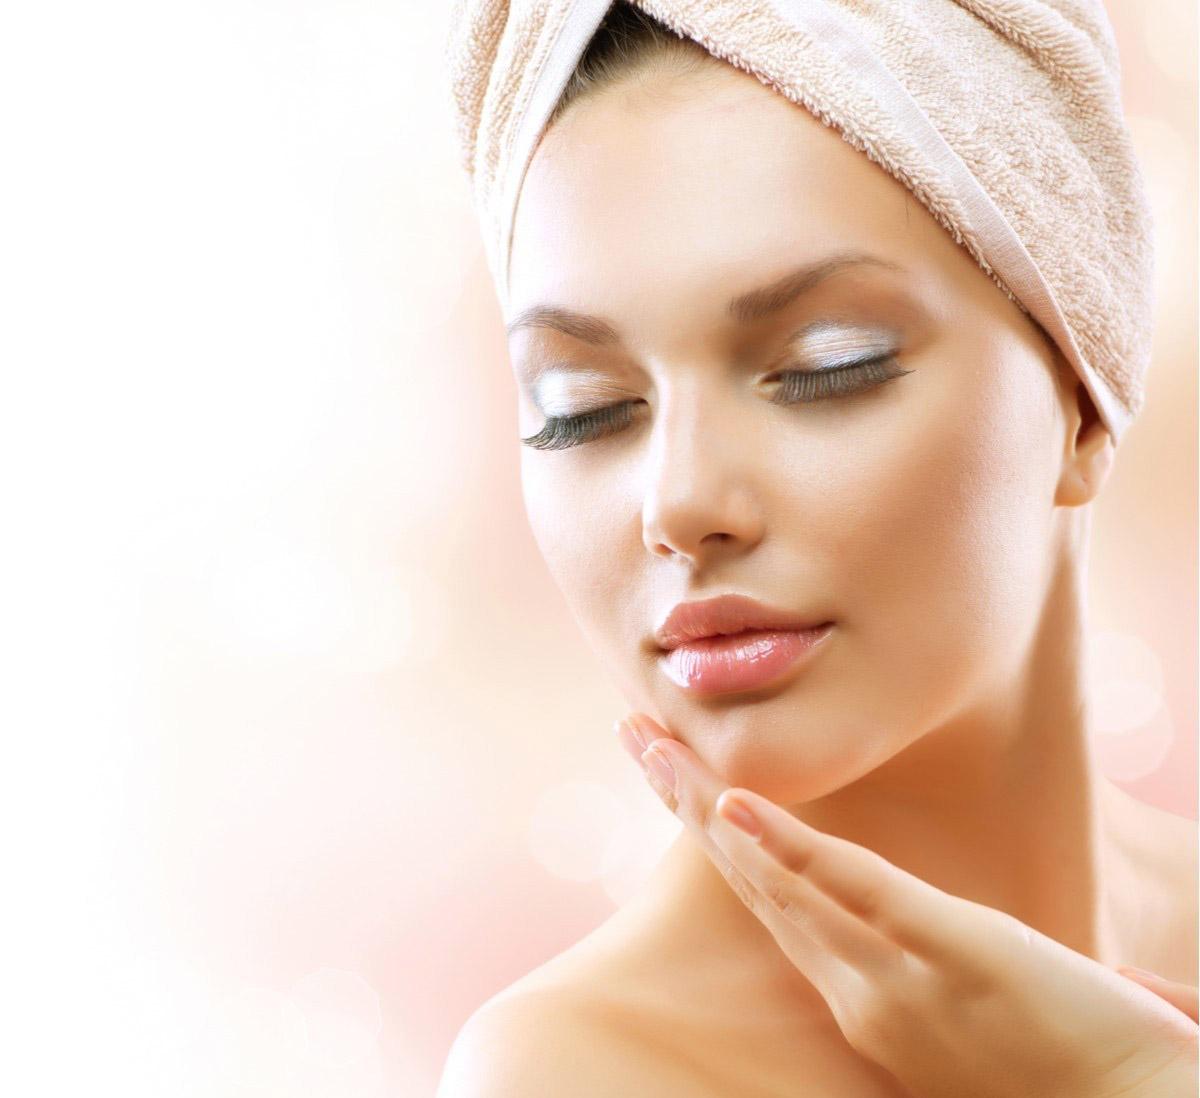 ۵ ویتامین دوستدار سلامت پوست را بشناسید